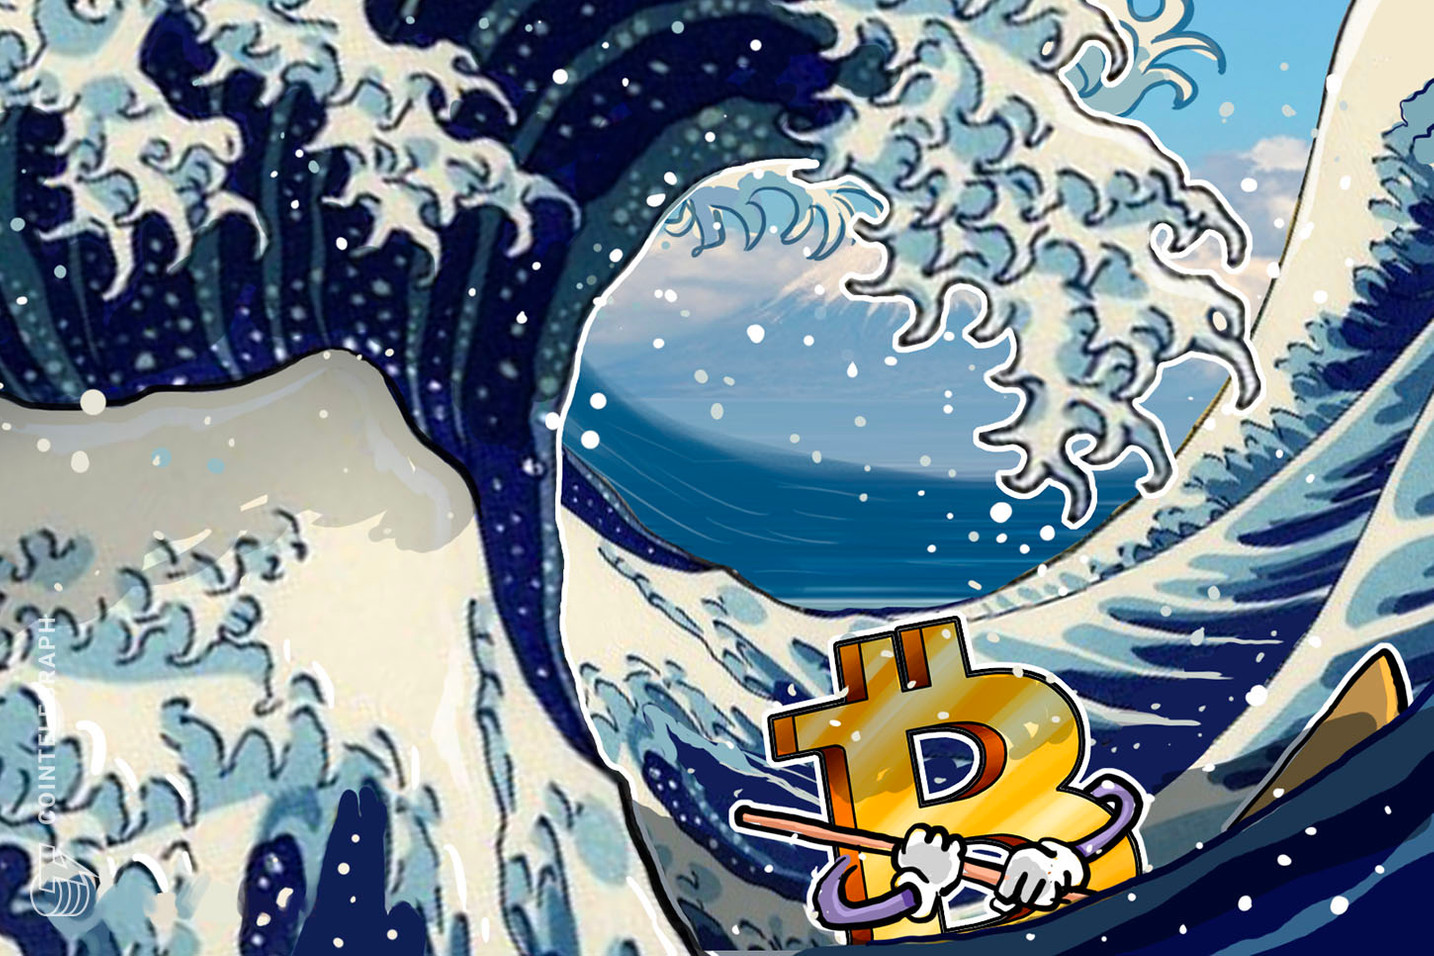 Il prezzo di Bitcoin ritorna a 7.600$, i mercati riaffermano il nuovo supporto